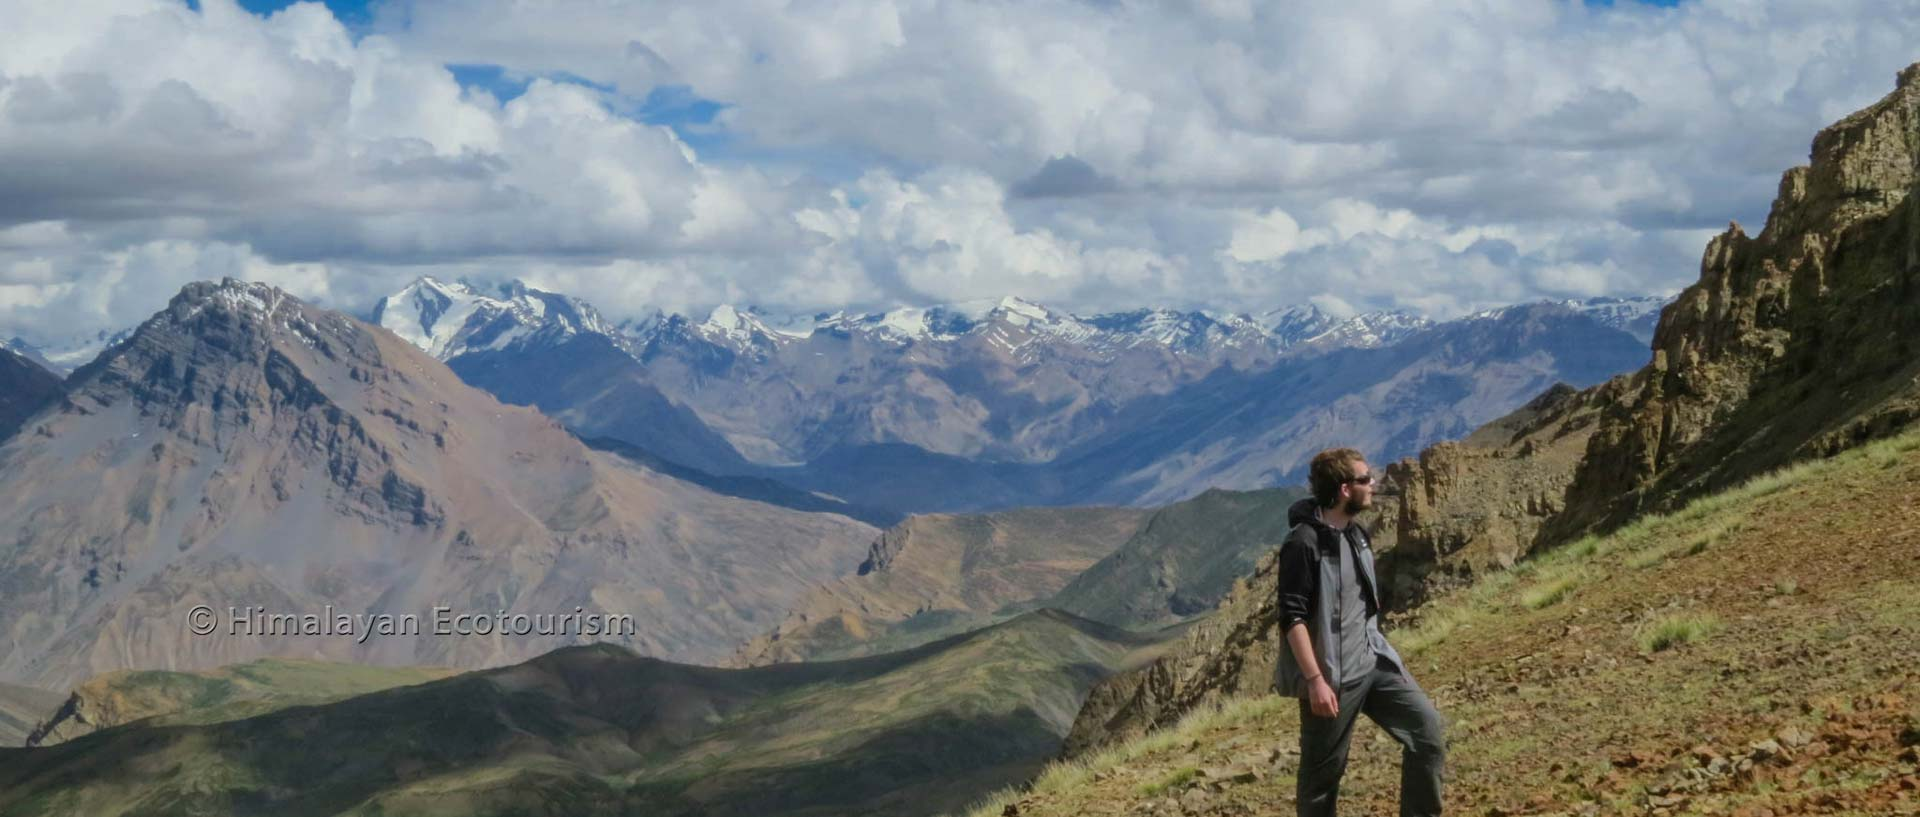 Treks in Ladakh and Spiti